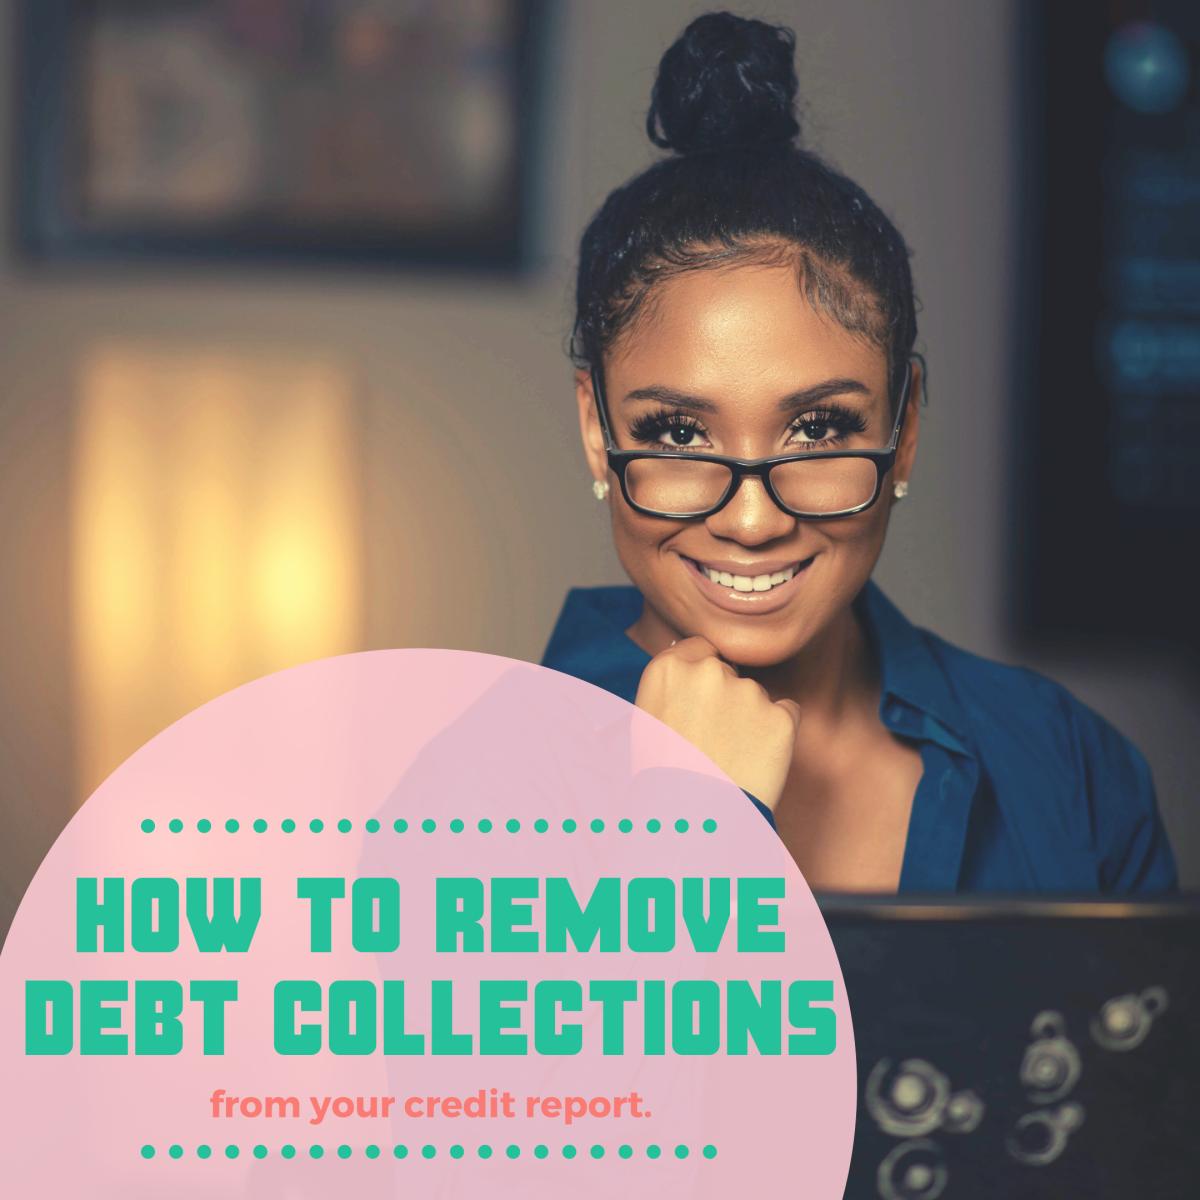 How do you remove those pesky debts?